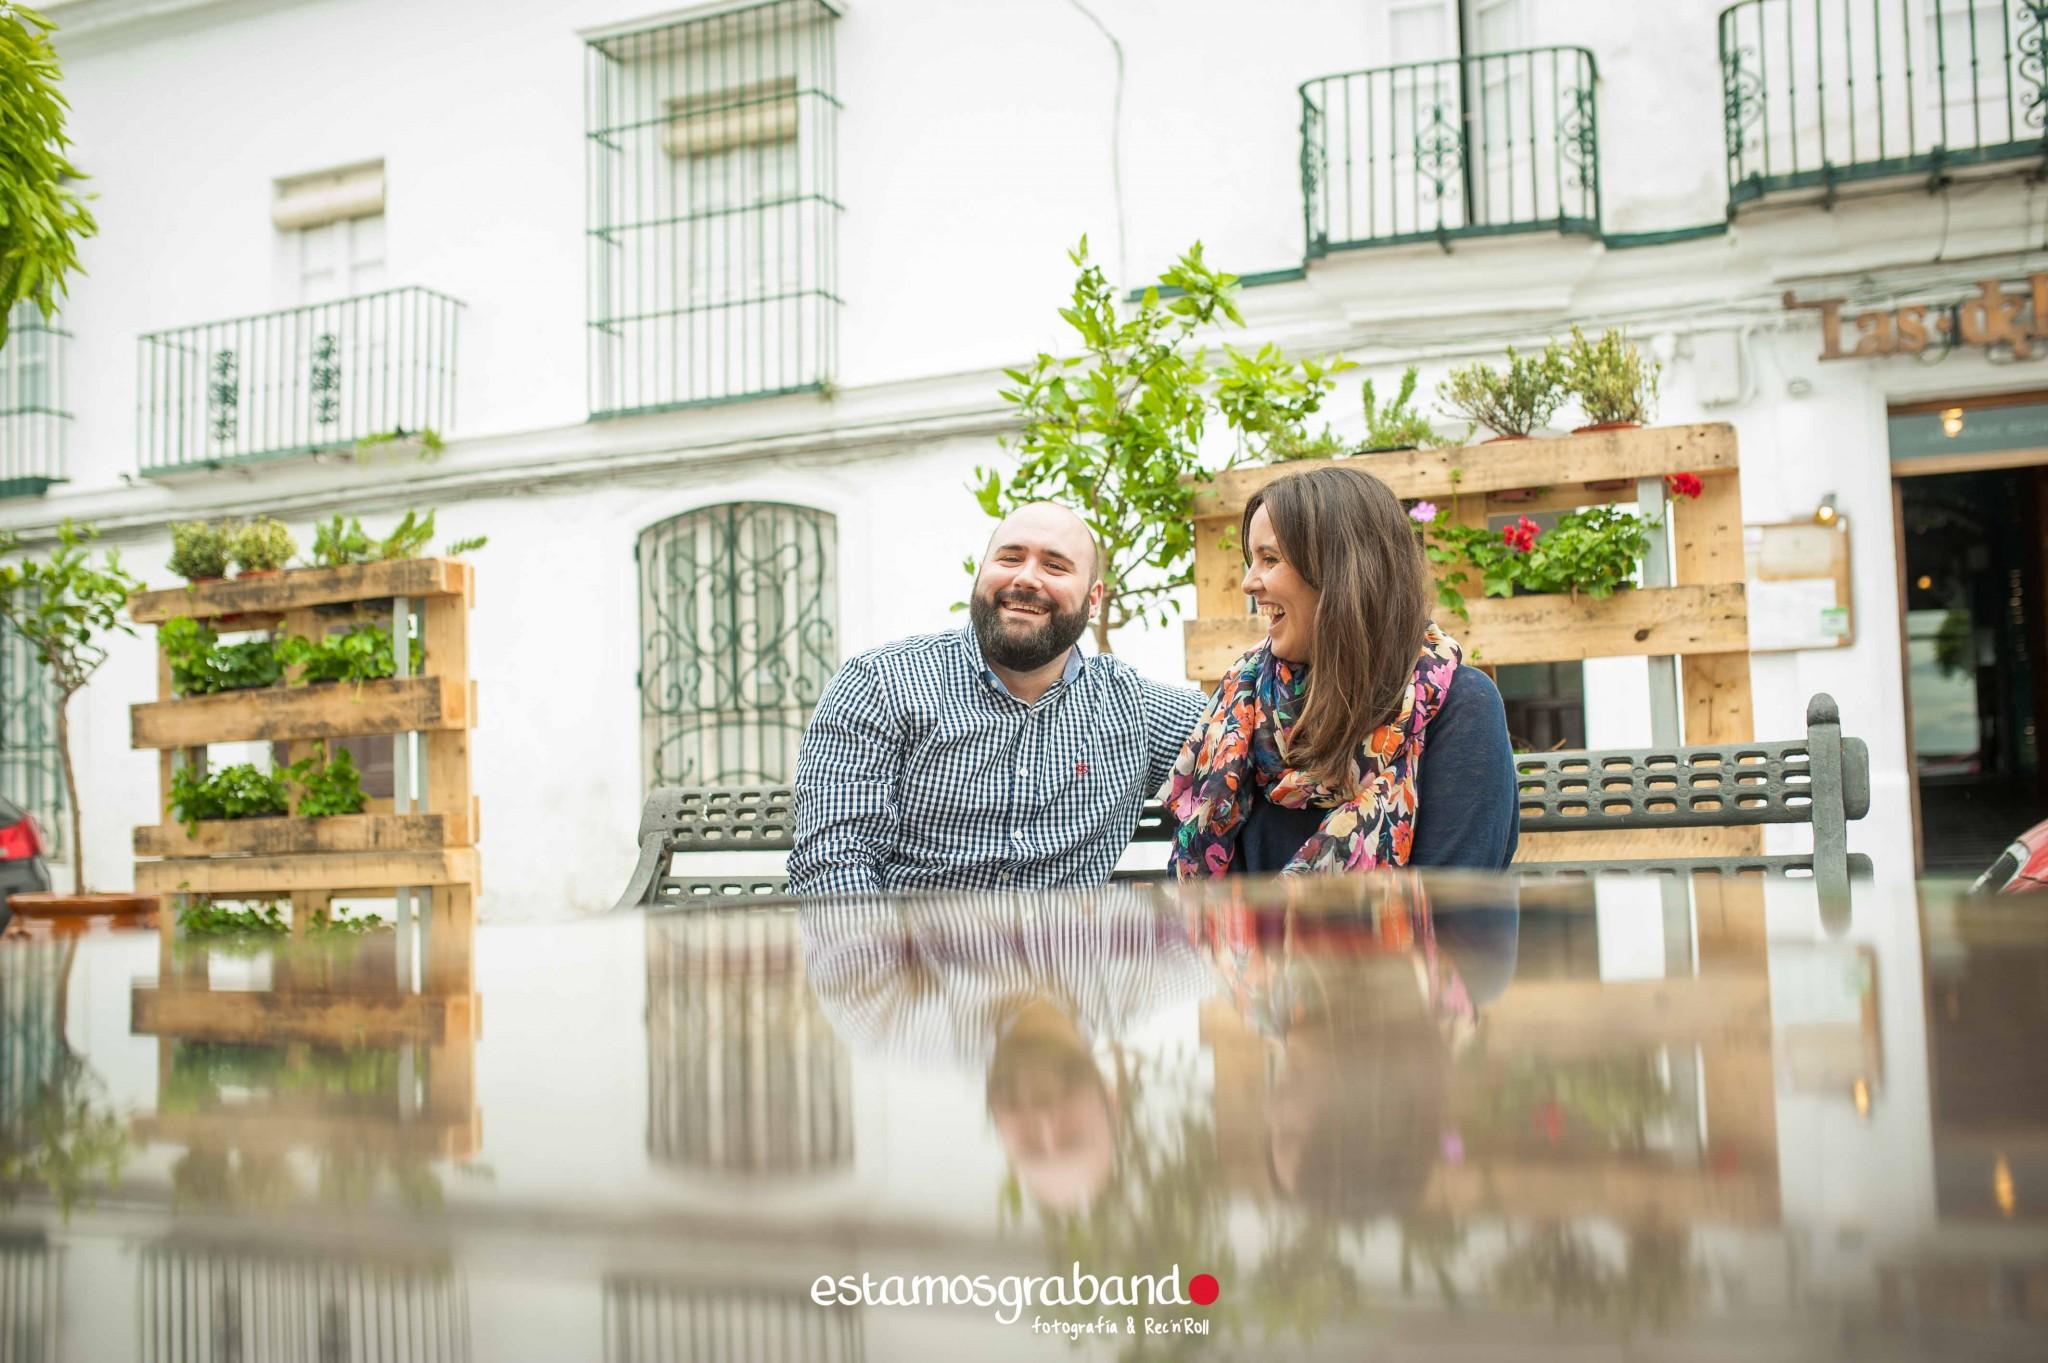 mariano-leticia-blog-6-de-25 Mariano & Leticia [Fotografía Preboda en Vejer y El Palmar] - video boda cadiz